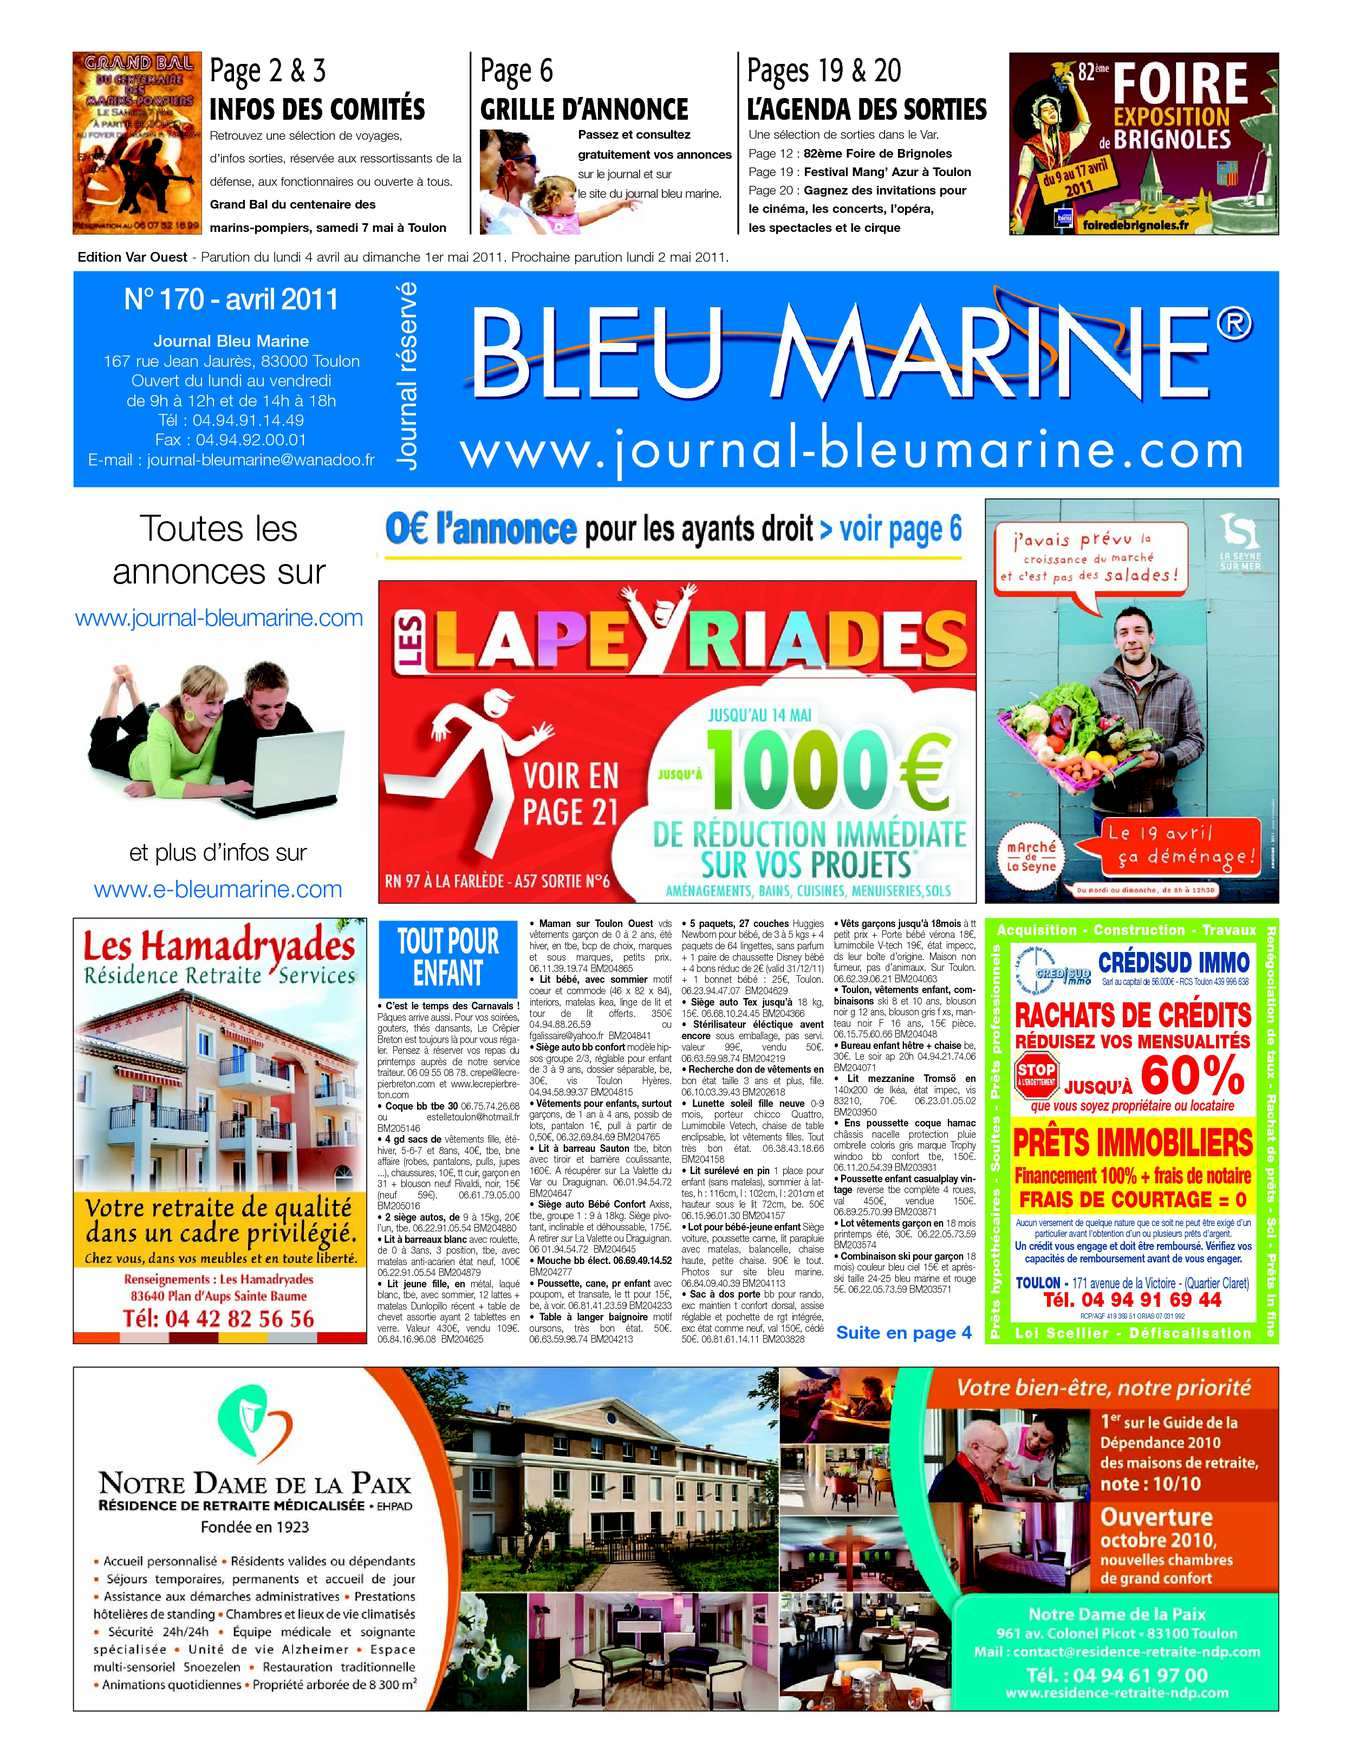 N°170 Marine N°170 Bleu Calaméo Calaméo Journal Journal Bleu Calaméo Marine Journal Bleu VLzpUMGjqS